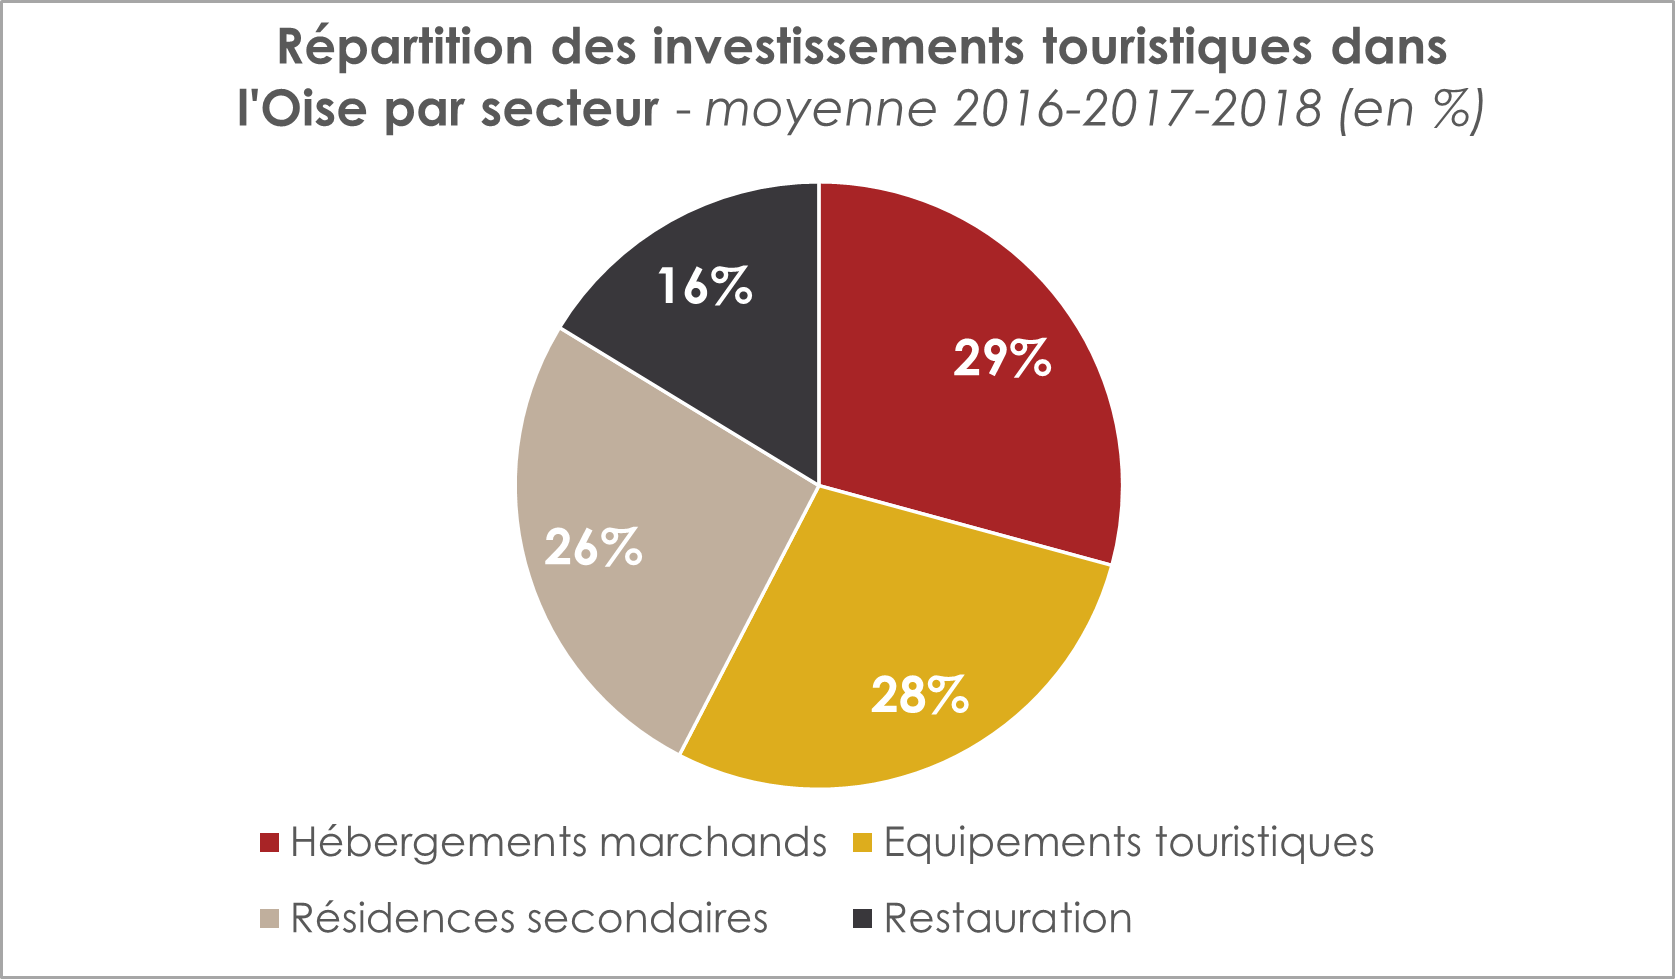 repartition-investissements-touristiques-par-secteur-oise-tourisme